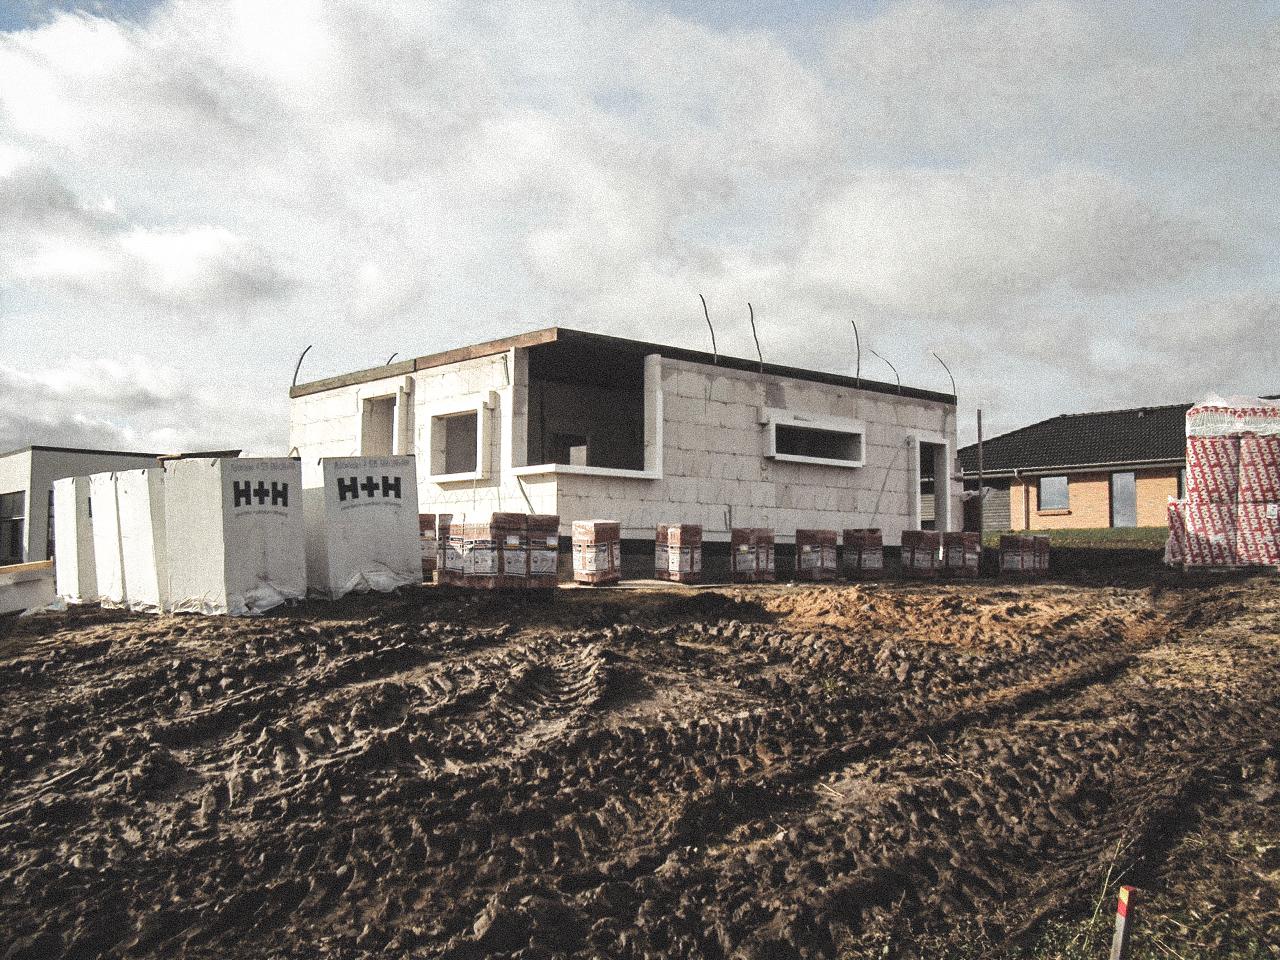 Billede af et igangværende byggeri i Status i Skive, tegnet af arkitektfirmaet m2plus.